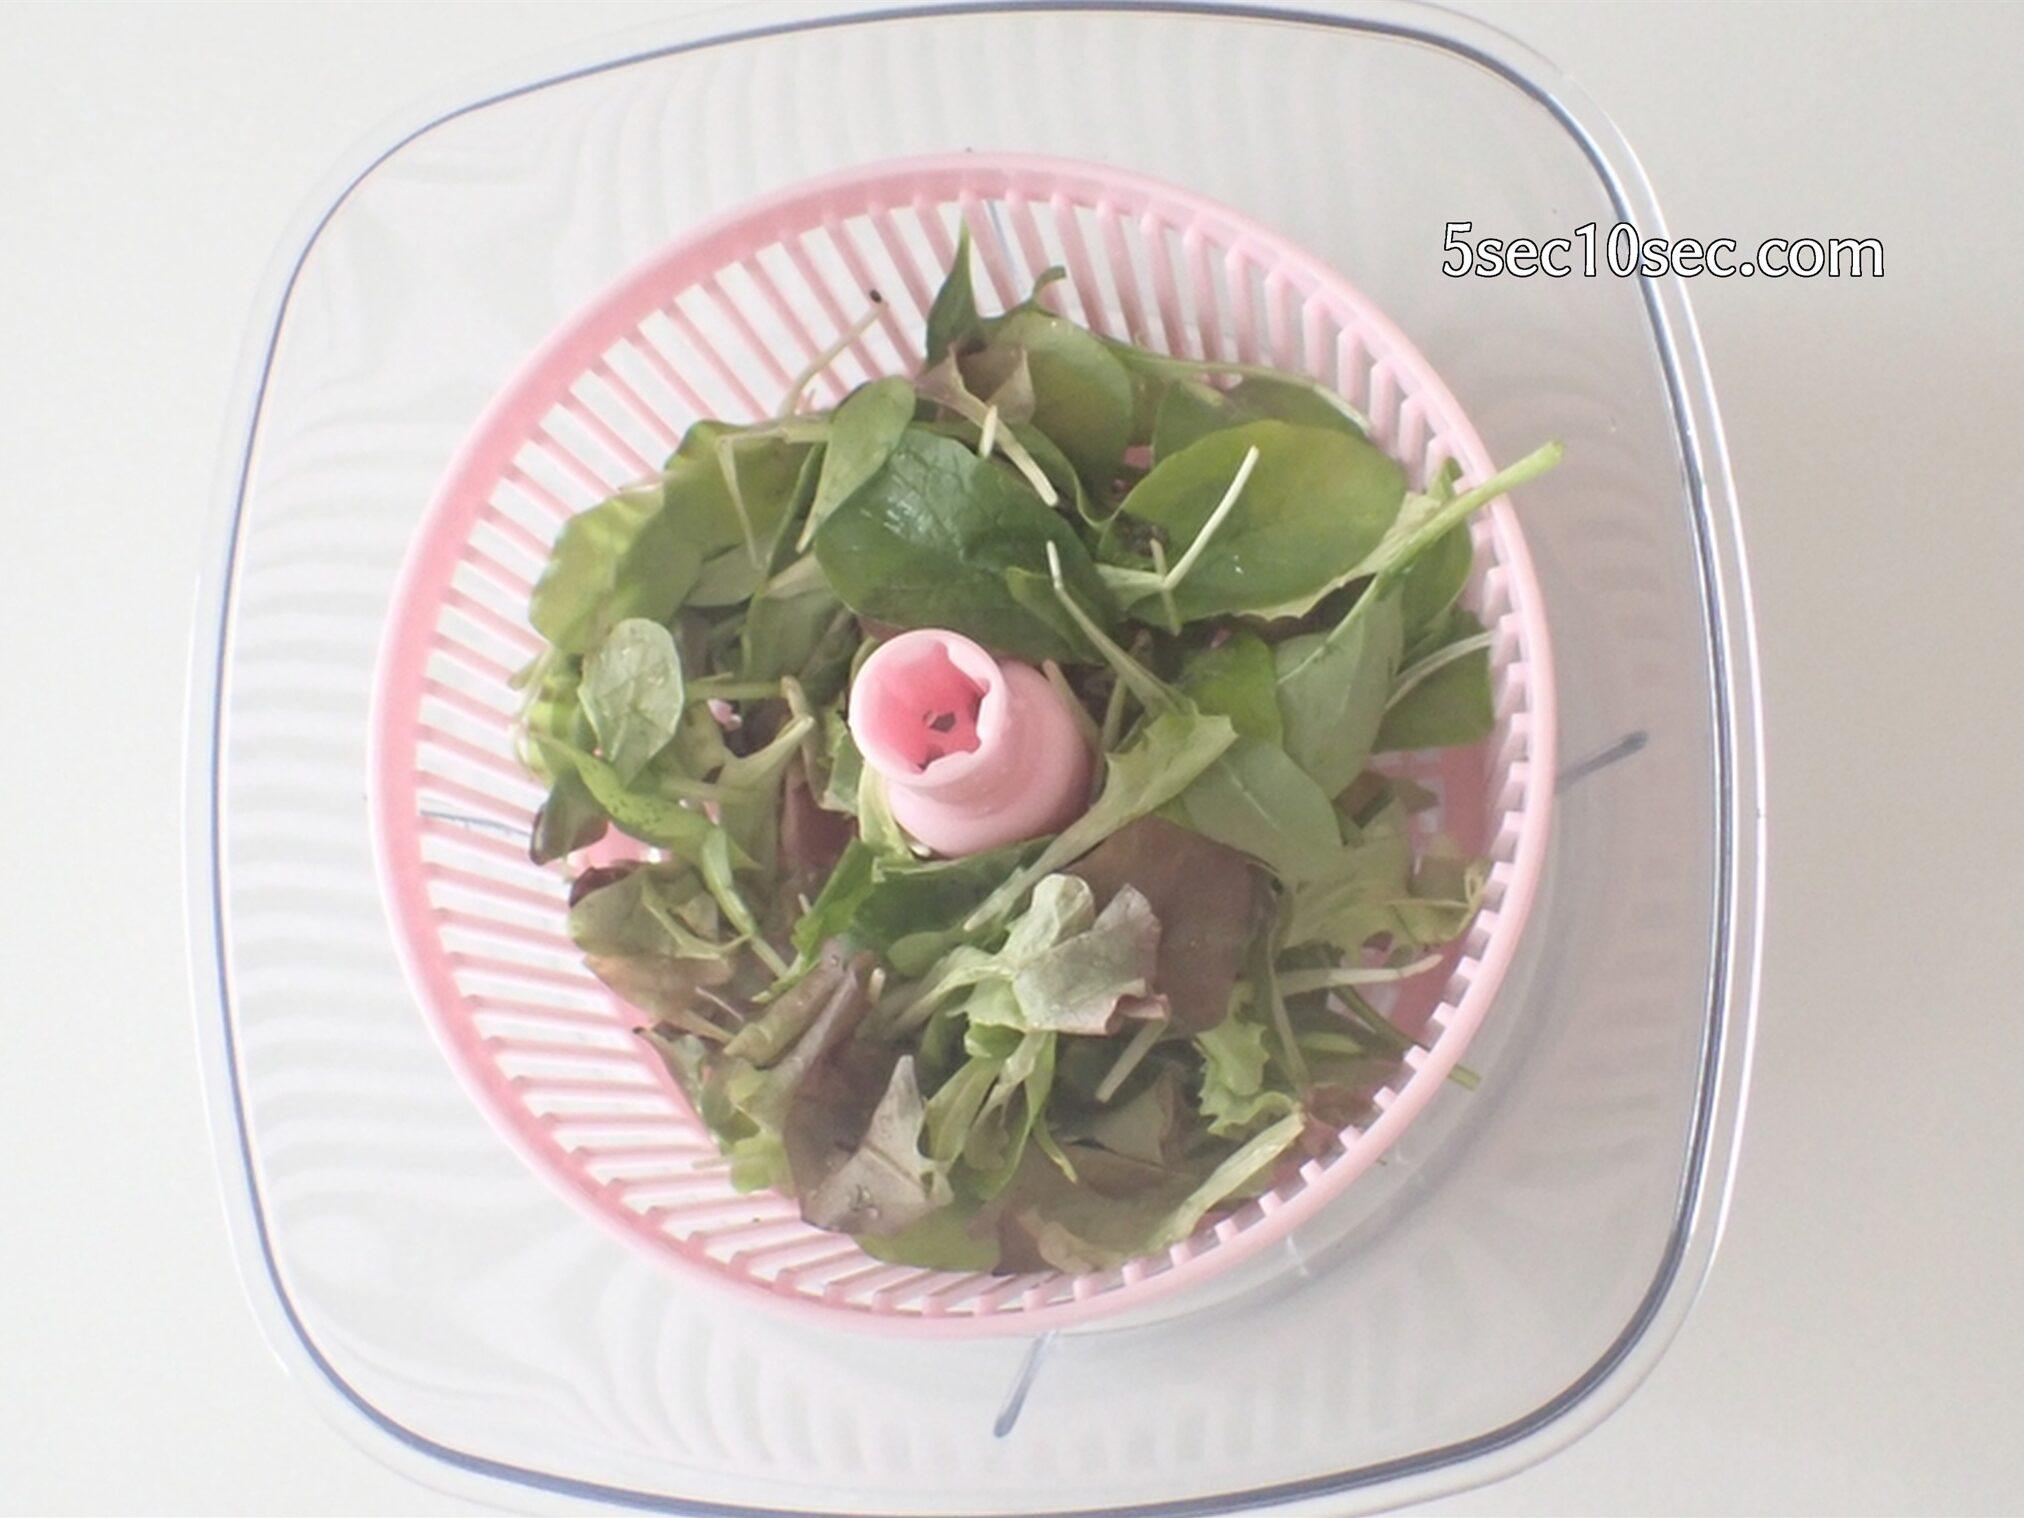 貝印 KHS スピーディーチョッパー L 品番DH2084 水切りかごをセットして野菜の水切りに使っている写真